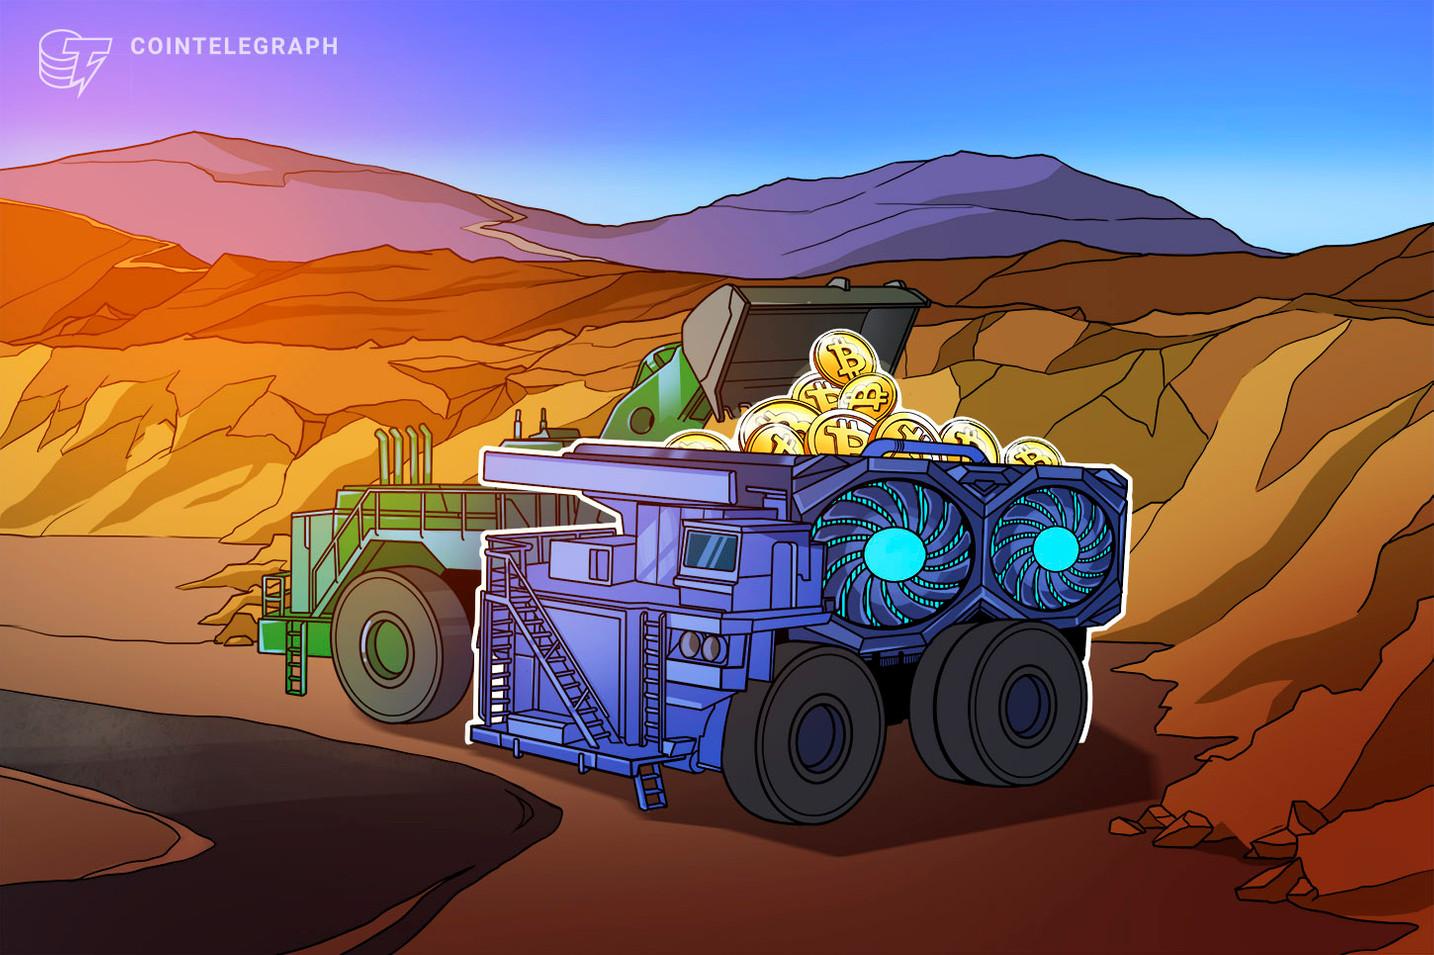 """Marathon Digital planeja expandir operação no USA com data center """"neutro em carbono"""" para mineração de Bitcoin"""